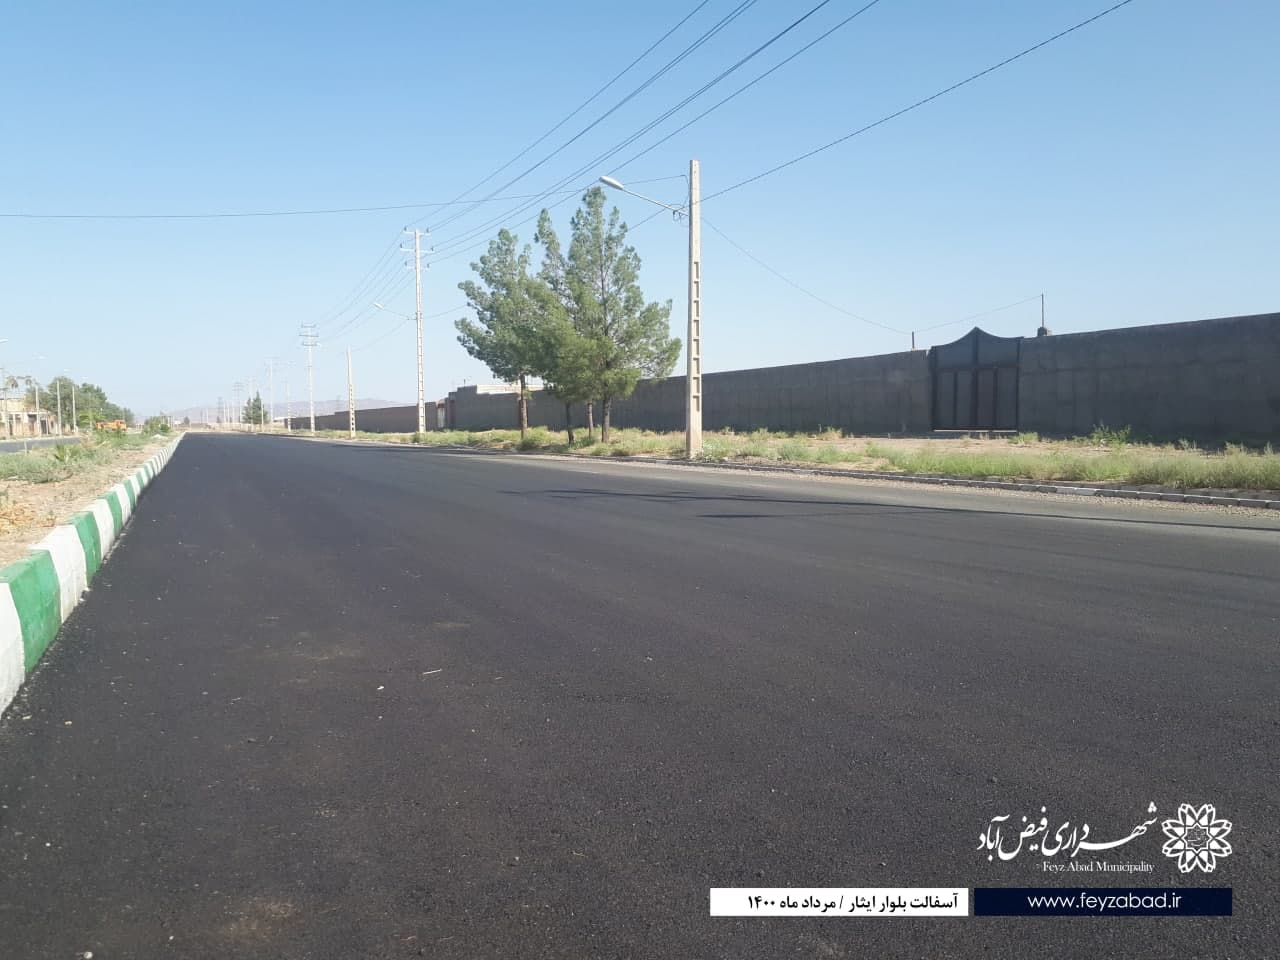 عملیات آسفالت خیابان بهداشت و قسمتی از بلوار ایثار انجام شد